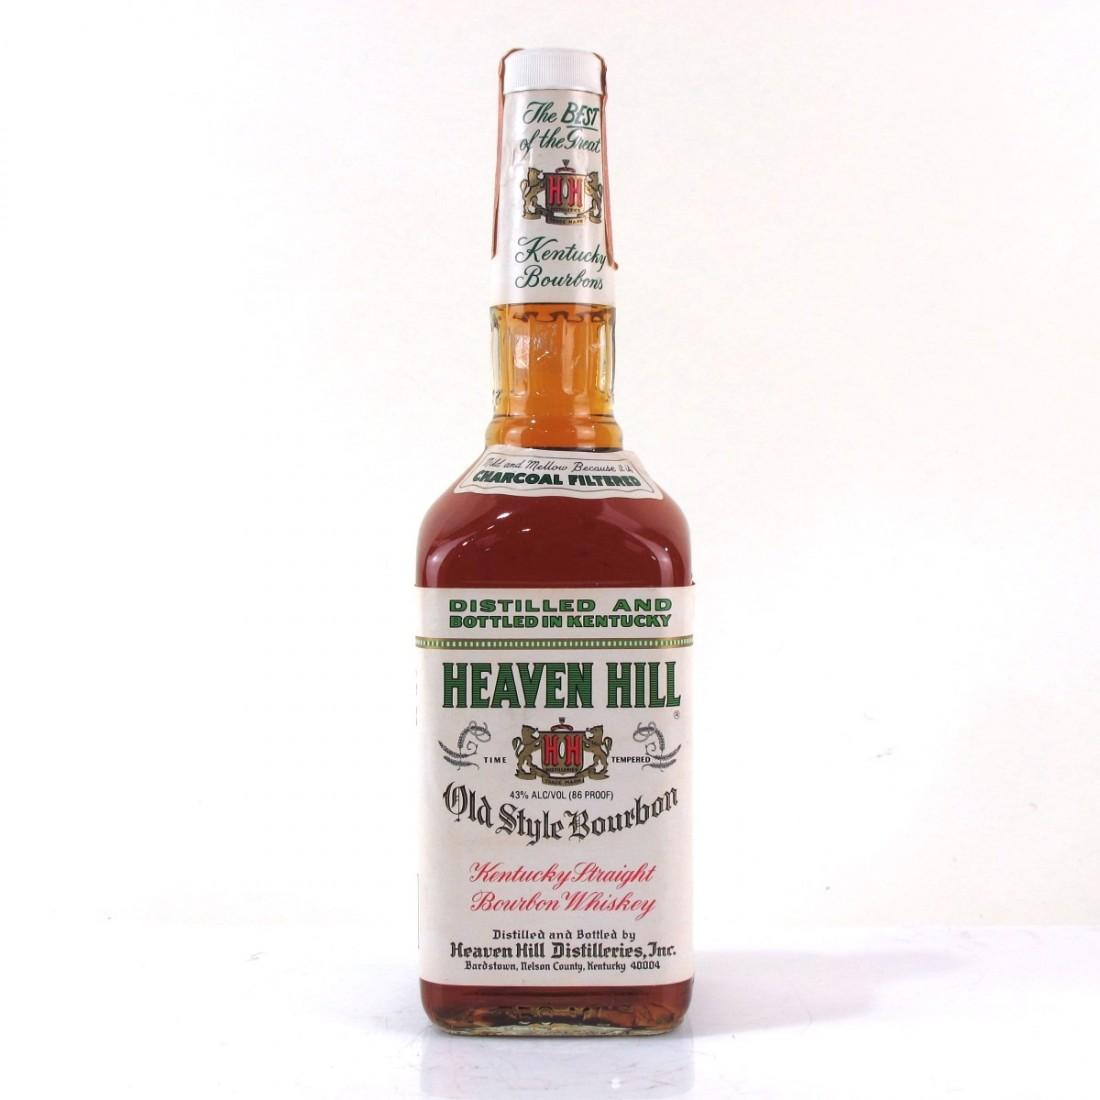 Heaven Hill Kentucky Bourbon 1980s